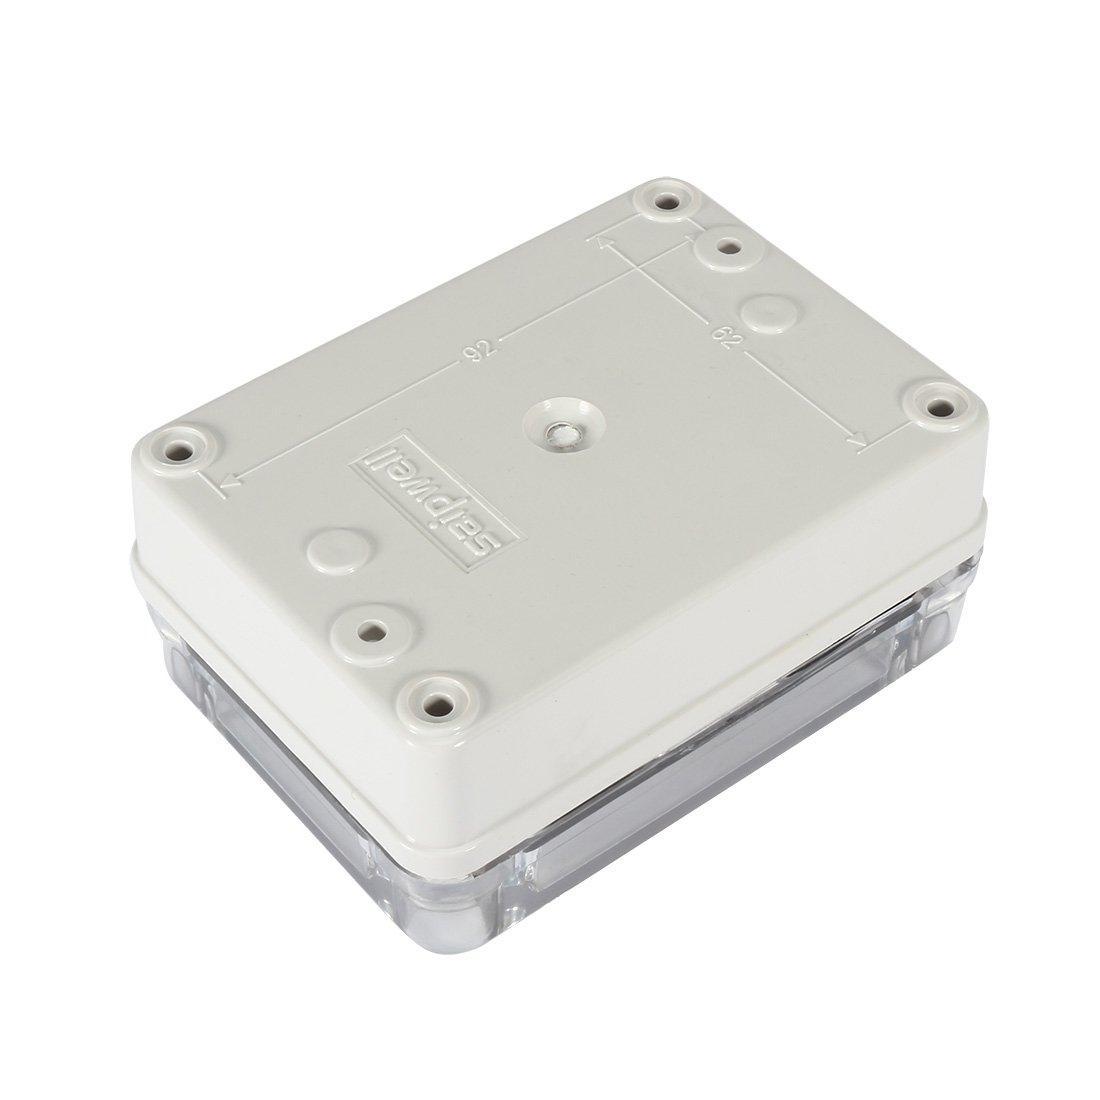 80mmx110mmx45mm Caja de conexiones ABS Caja de proyecto universal con cubierta transparente para PC 0de423f071fd19eee30fbe19d08016d9 Aexit 3.2 x4.3 x1.8